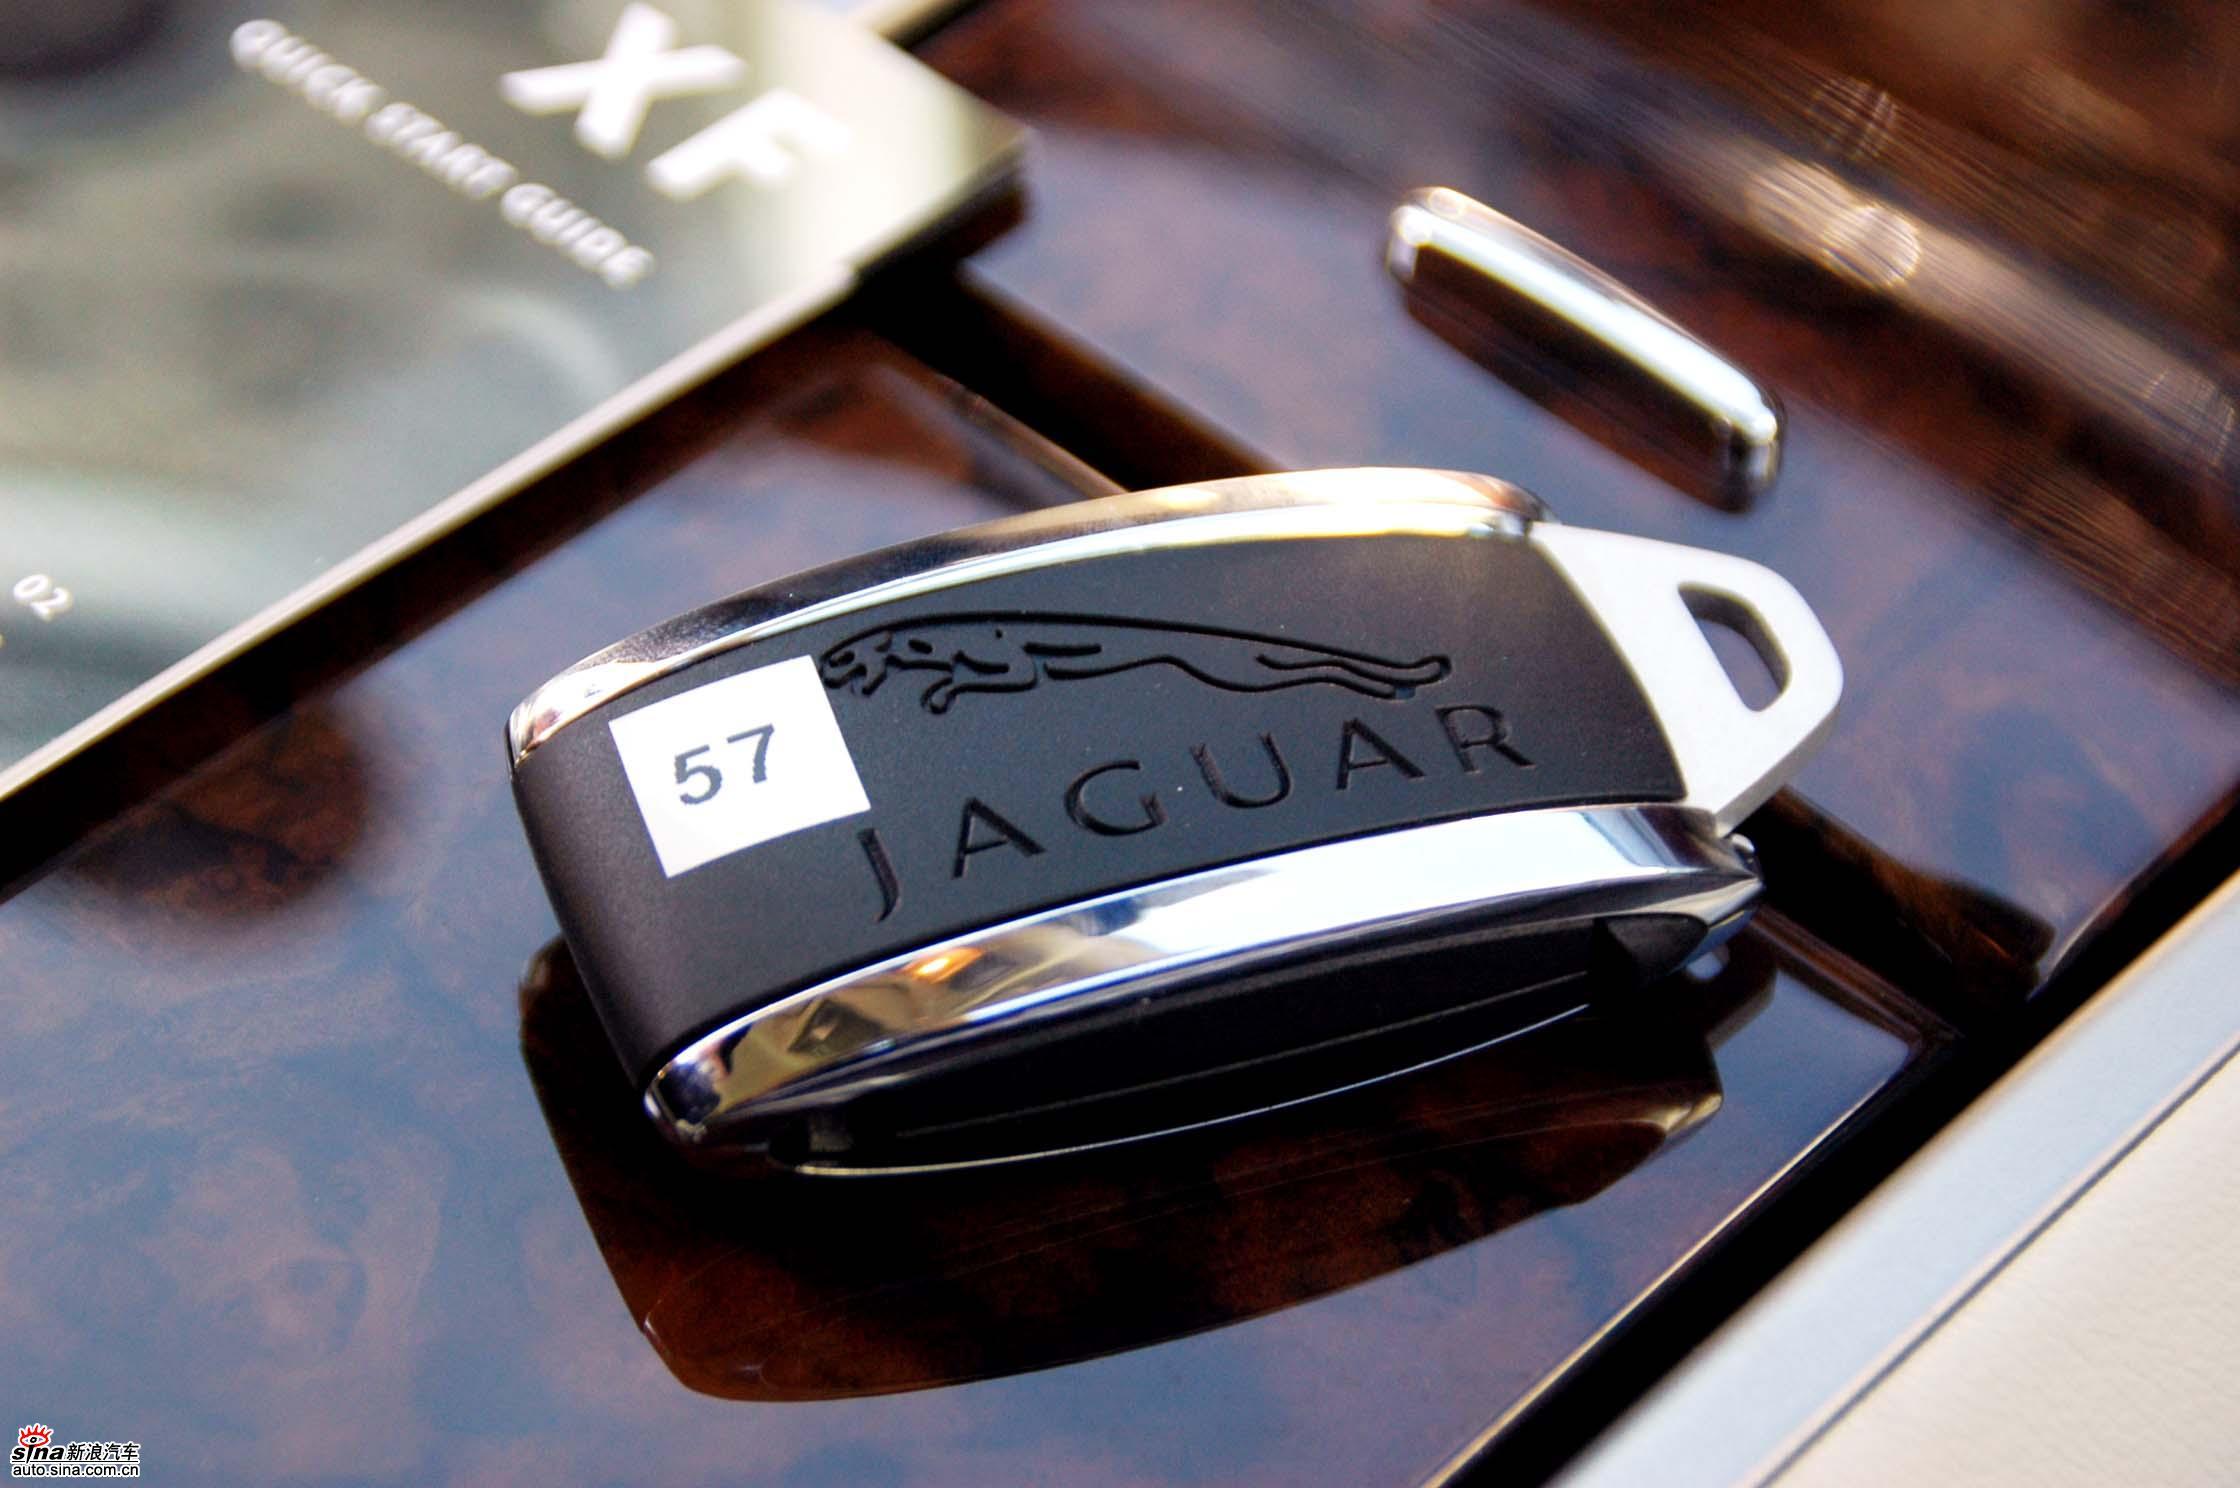 捷豹XF智能钥匙 捷豹XF图片高清图片